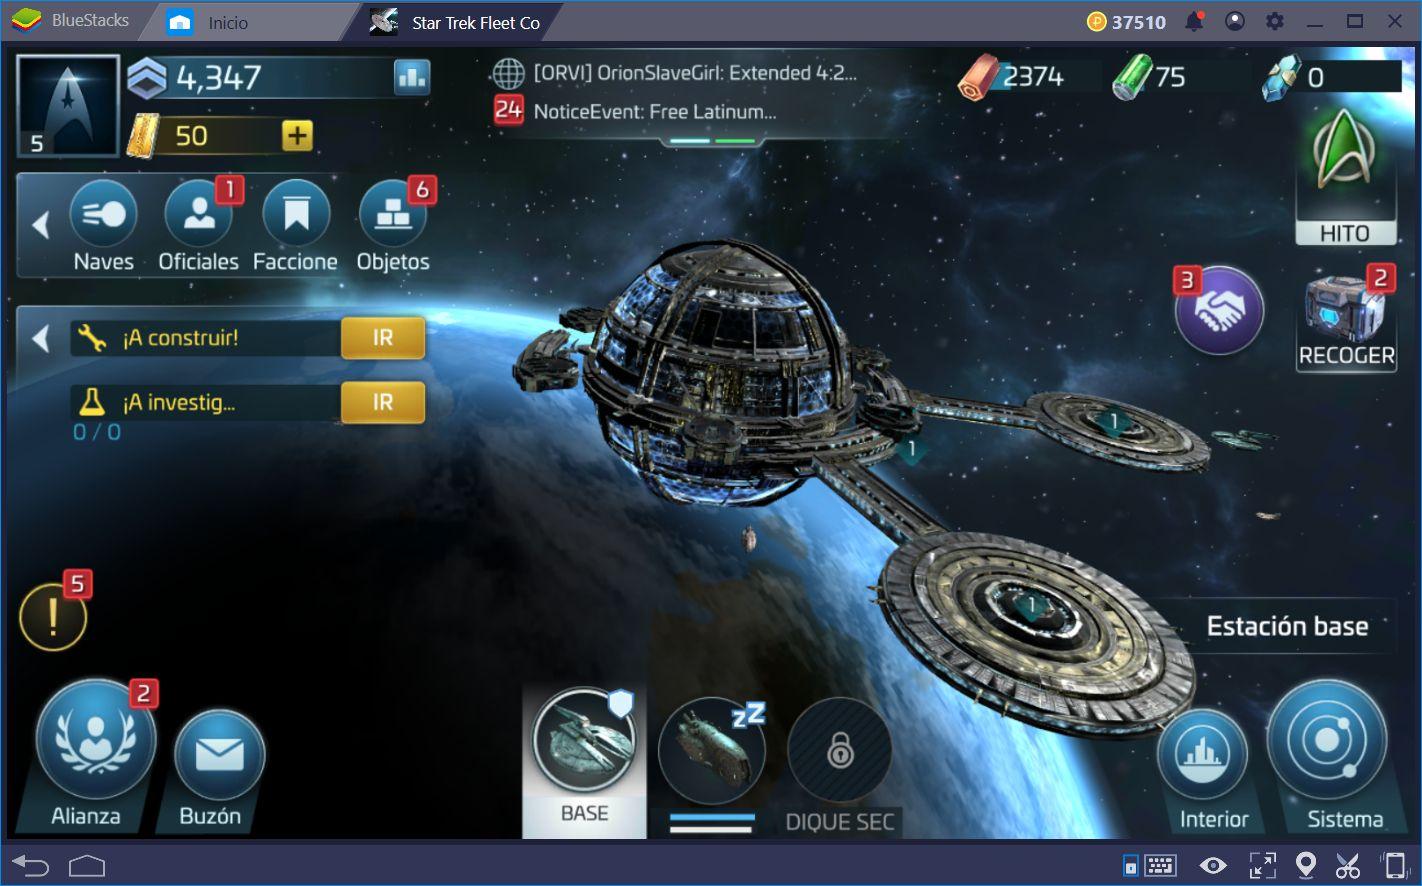 Cómo Mejorar tu Flota y Explorar la Galaxia en Star Trek Fleet Command